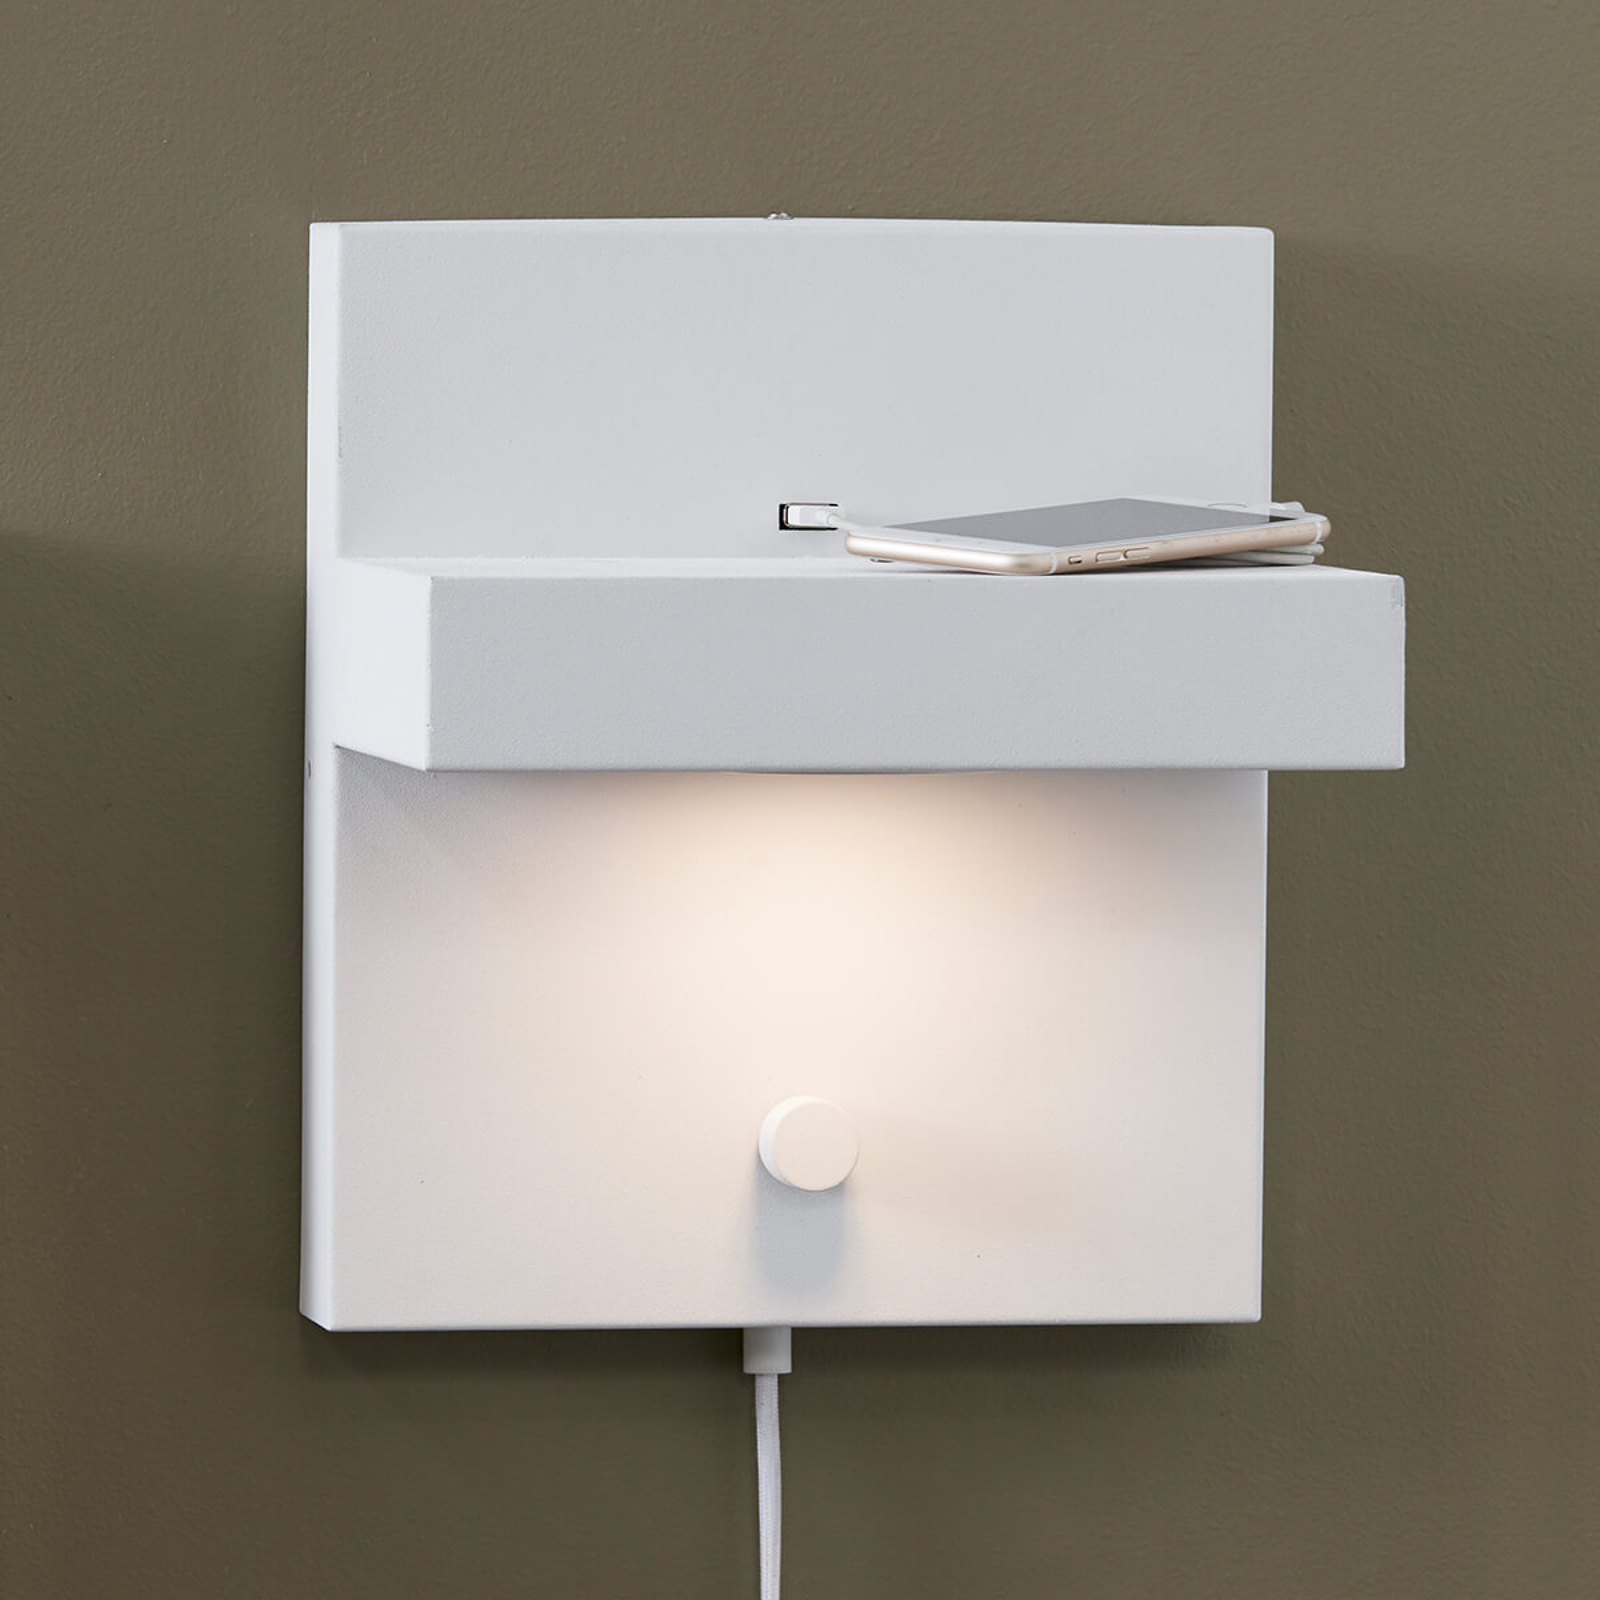 Hvit LED-vegglampe Kubik med USB-ladetilkobling